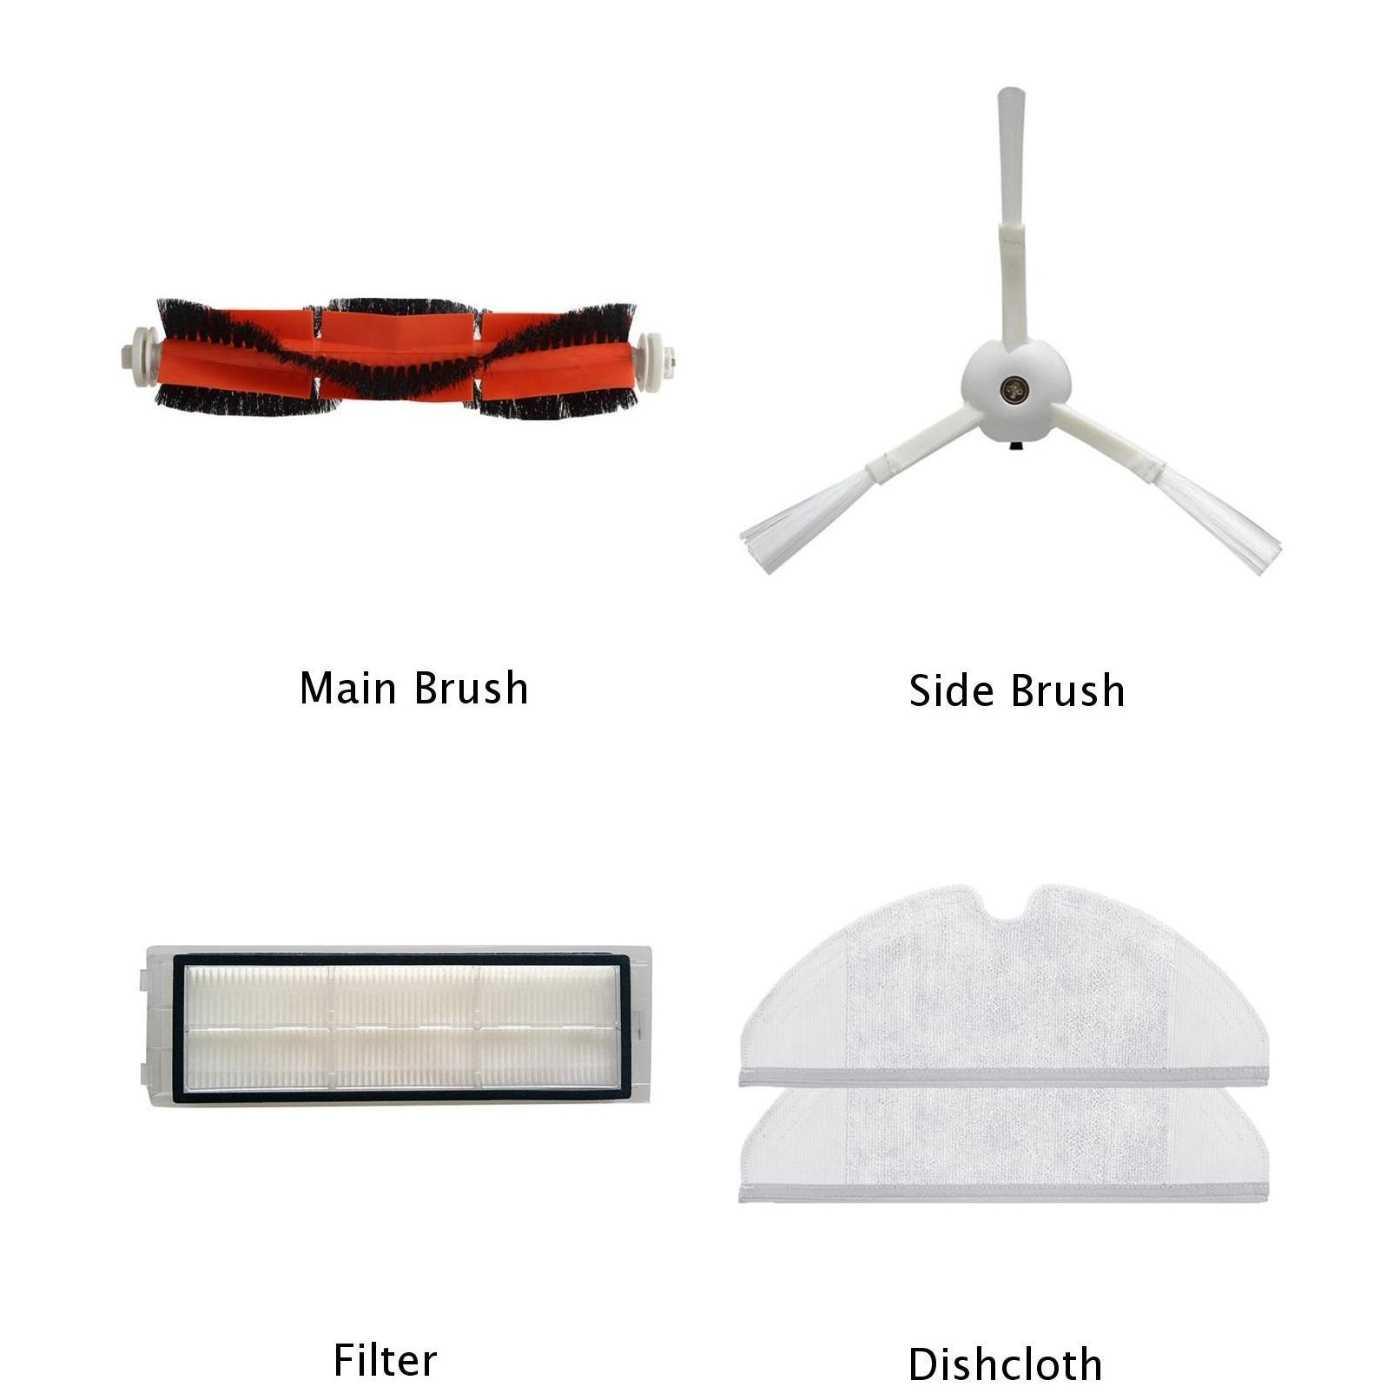 Главная щетка боковая щетка фильтр для посуды для Xiaomi Mi Roborock S50 пылесос бытовые принадлежности